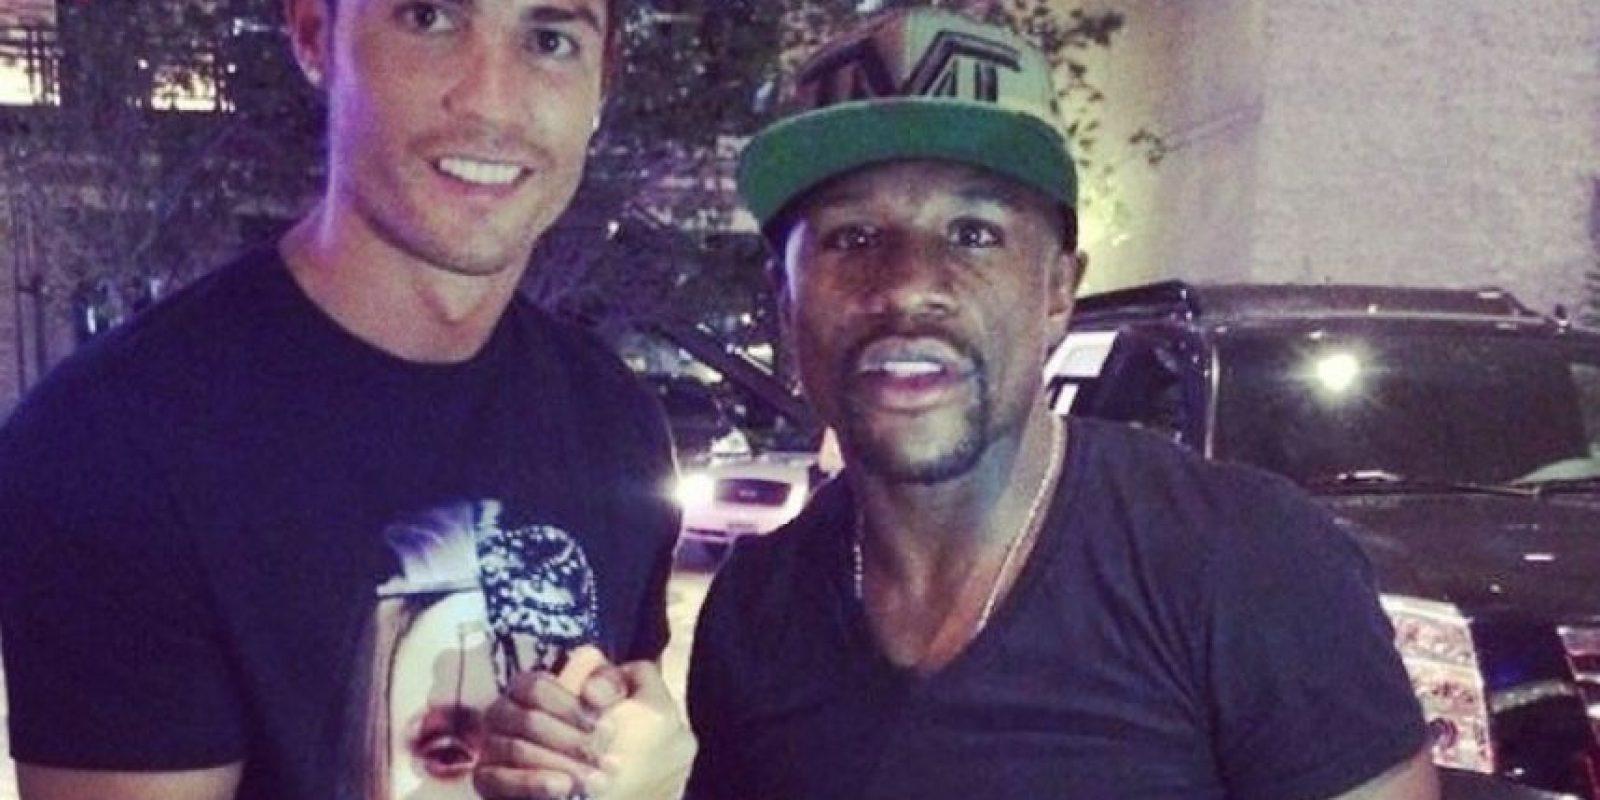 Con otras estrellas como Floyd Mayweather Foto:Instagram: @cristiano